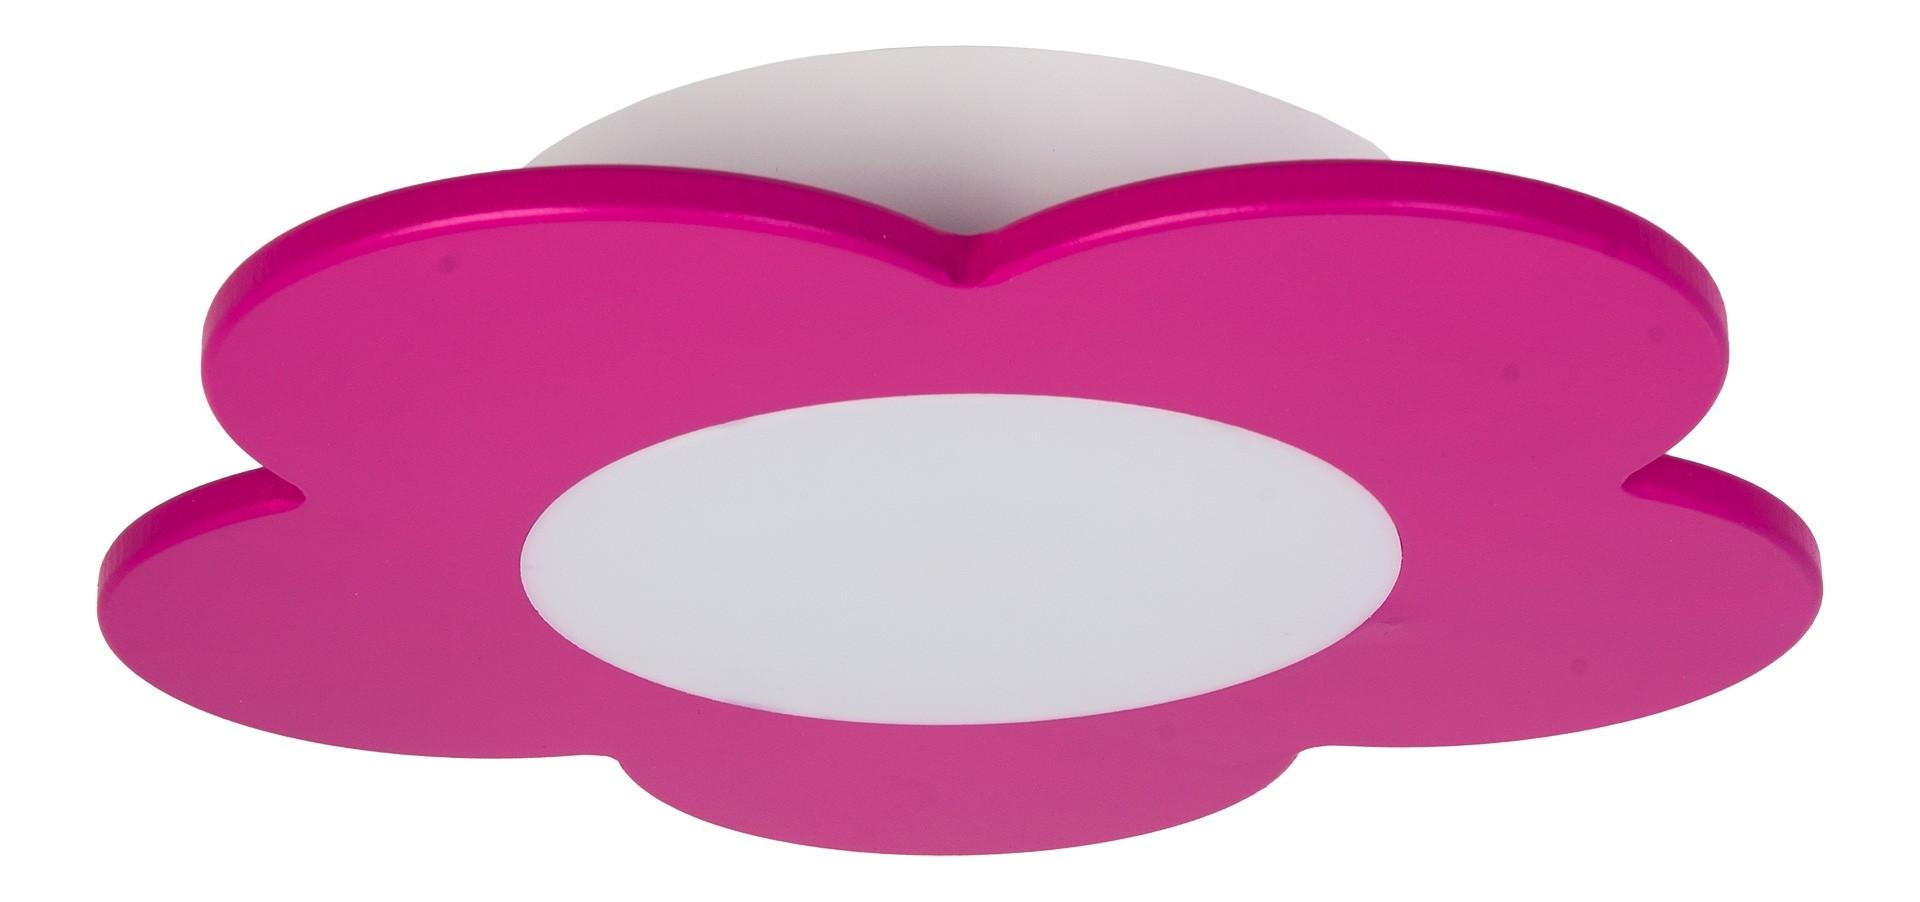 LED Deckenleuchte FIORE – pink